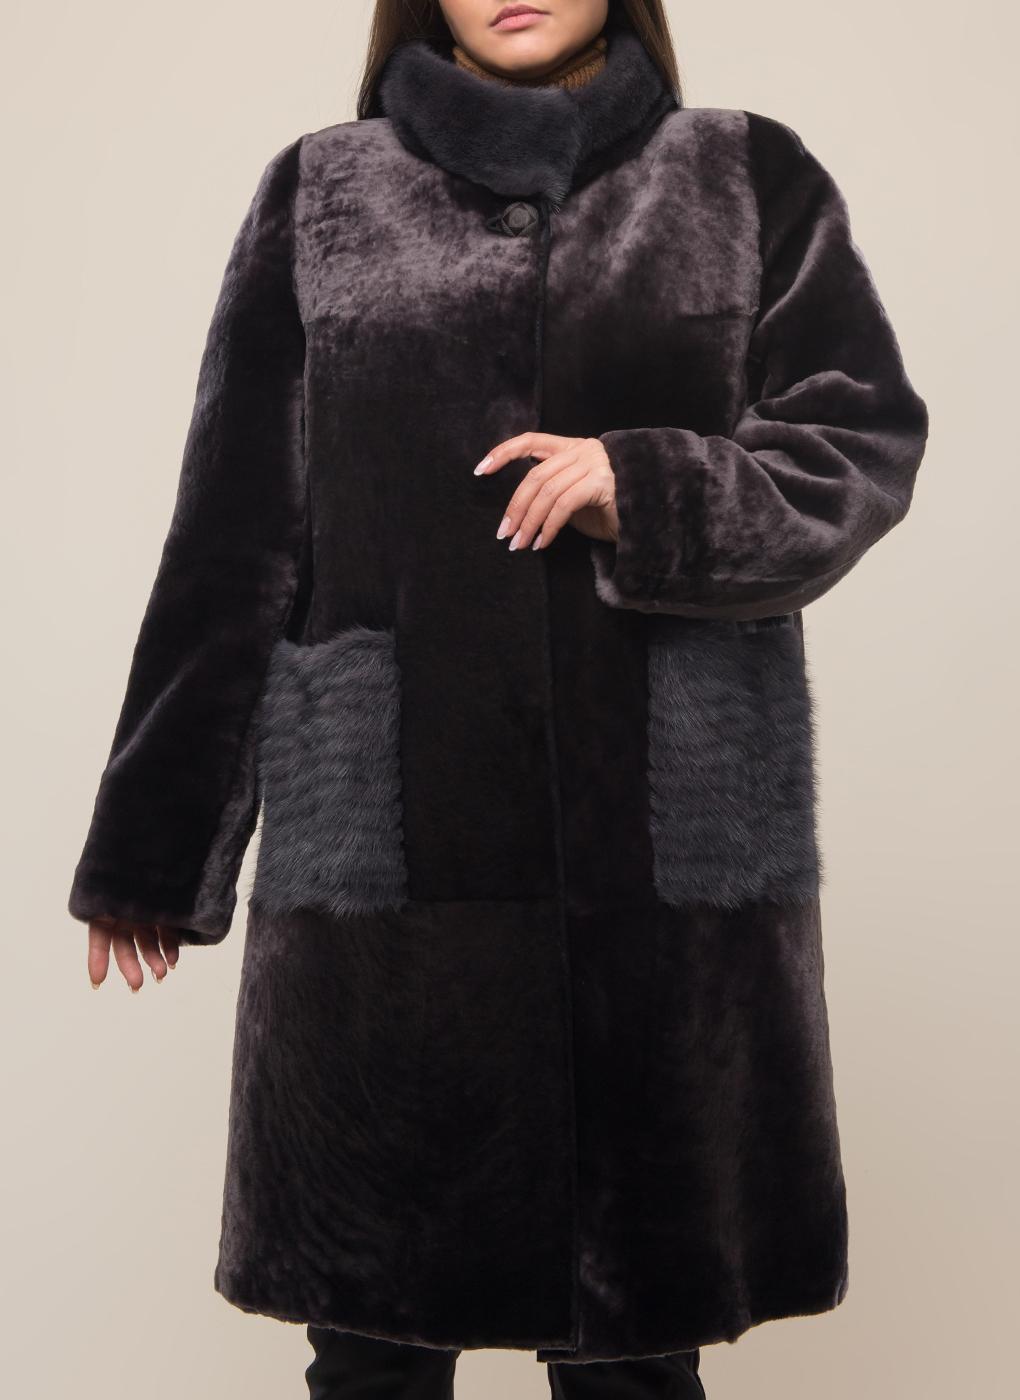 Пальто из овчины 02, Дианель меховой дом фото